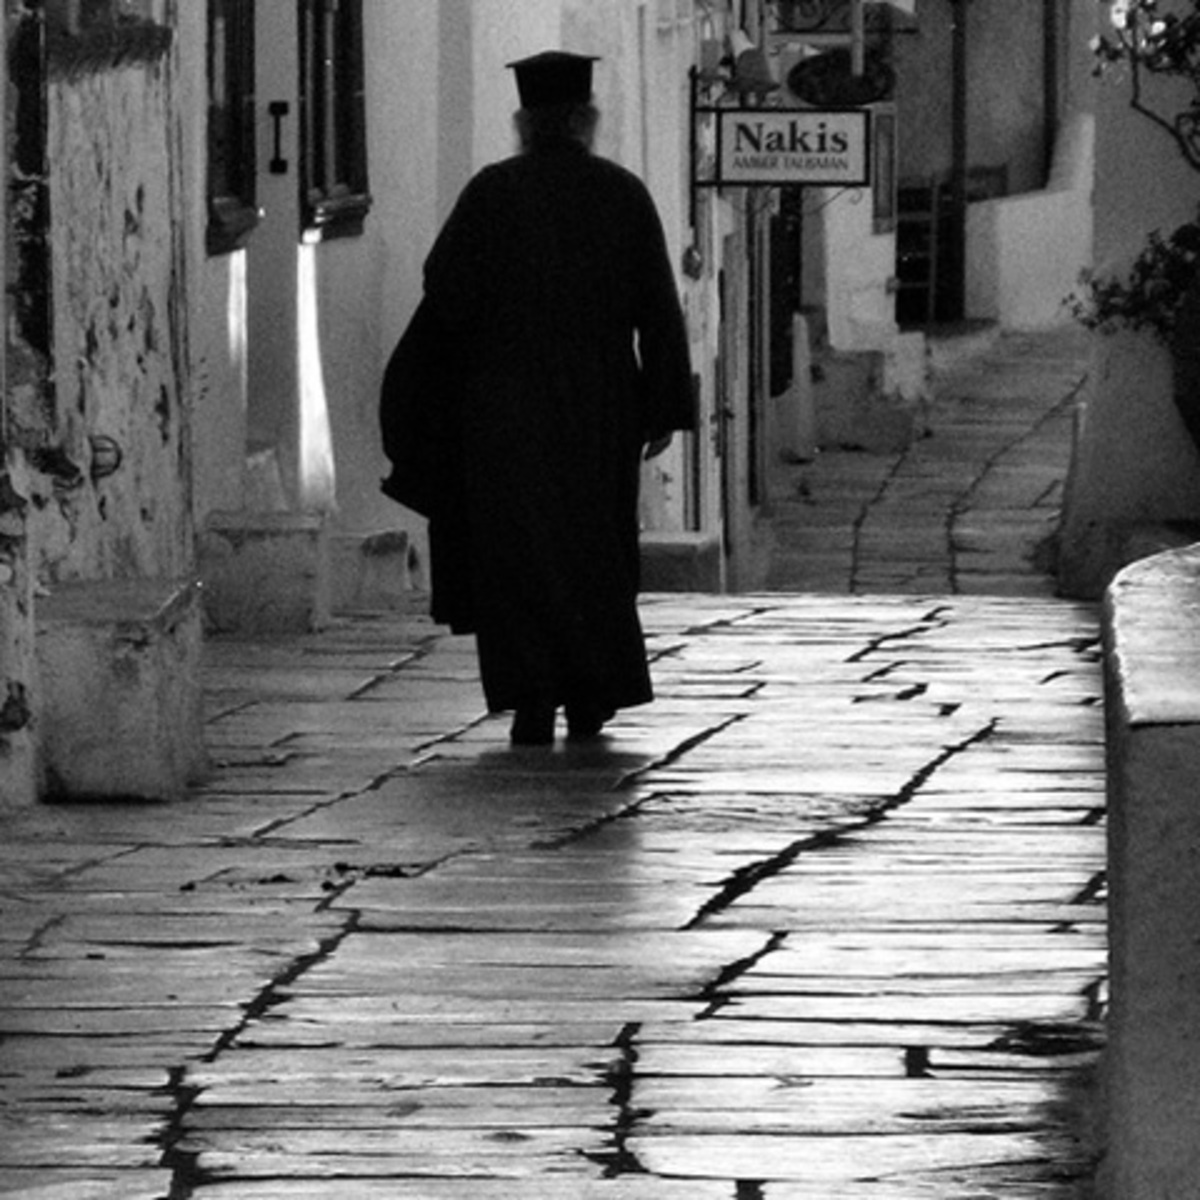 Έδεσσα: Ο… μοναχός που εξαπατούσε μονάχος! | Newsit.gr